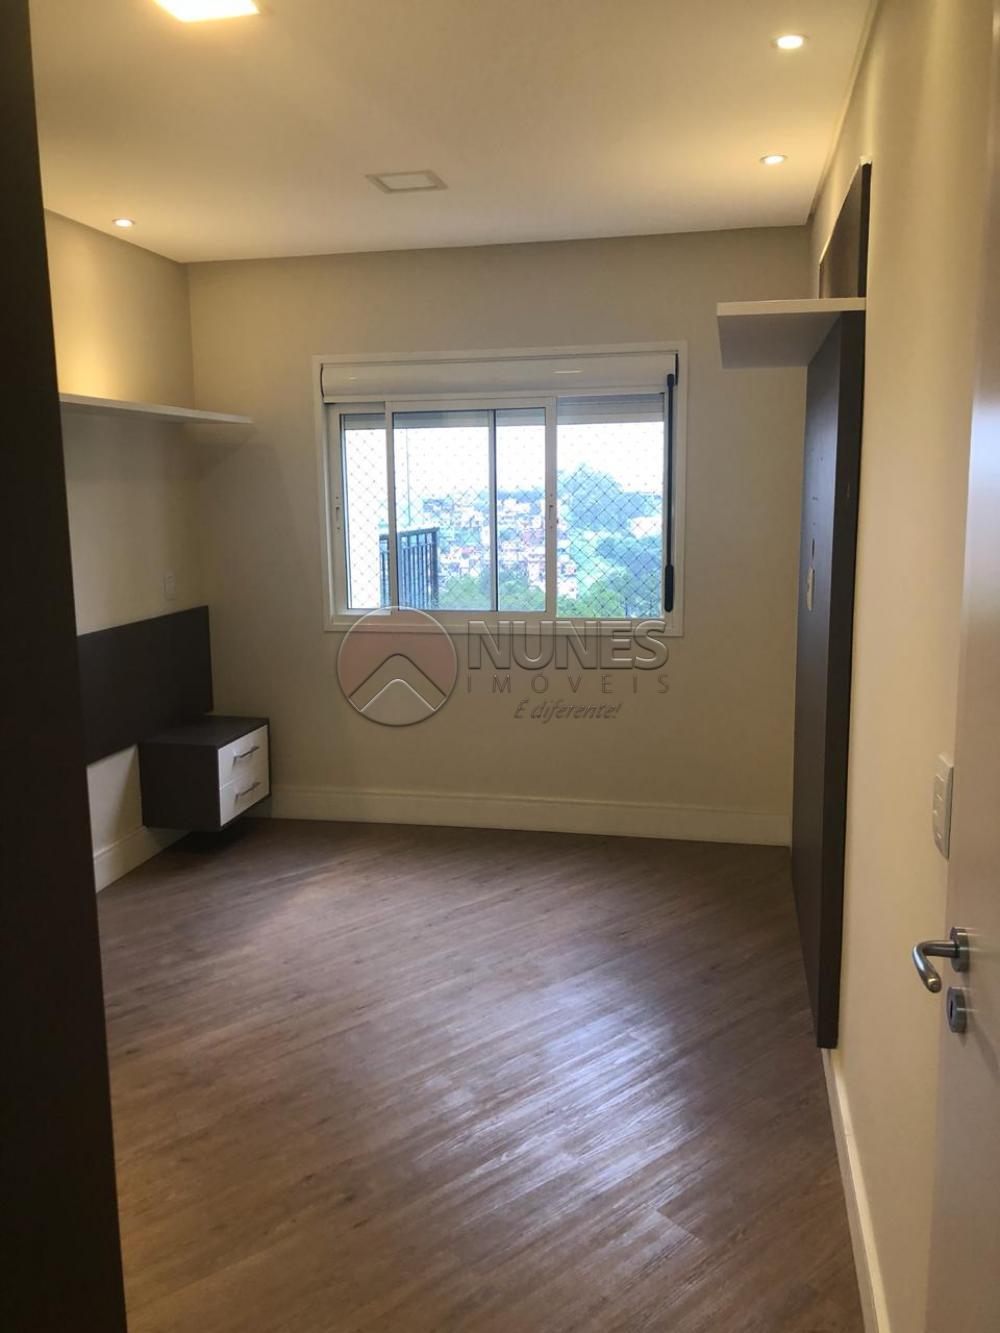 Comprar Apartamento / Padrão em Barueri apenas R$ 520.000,00 - Foto 12